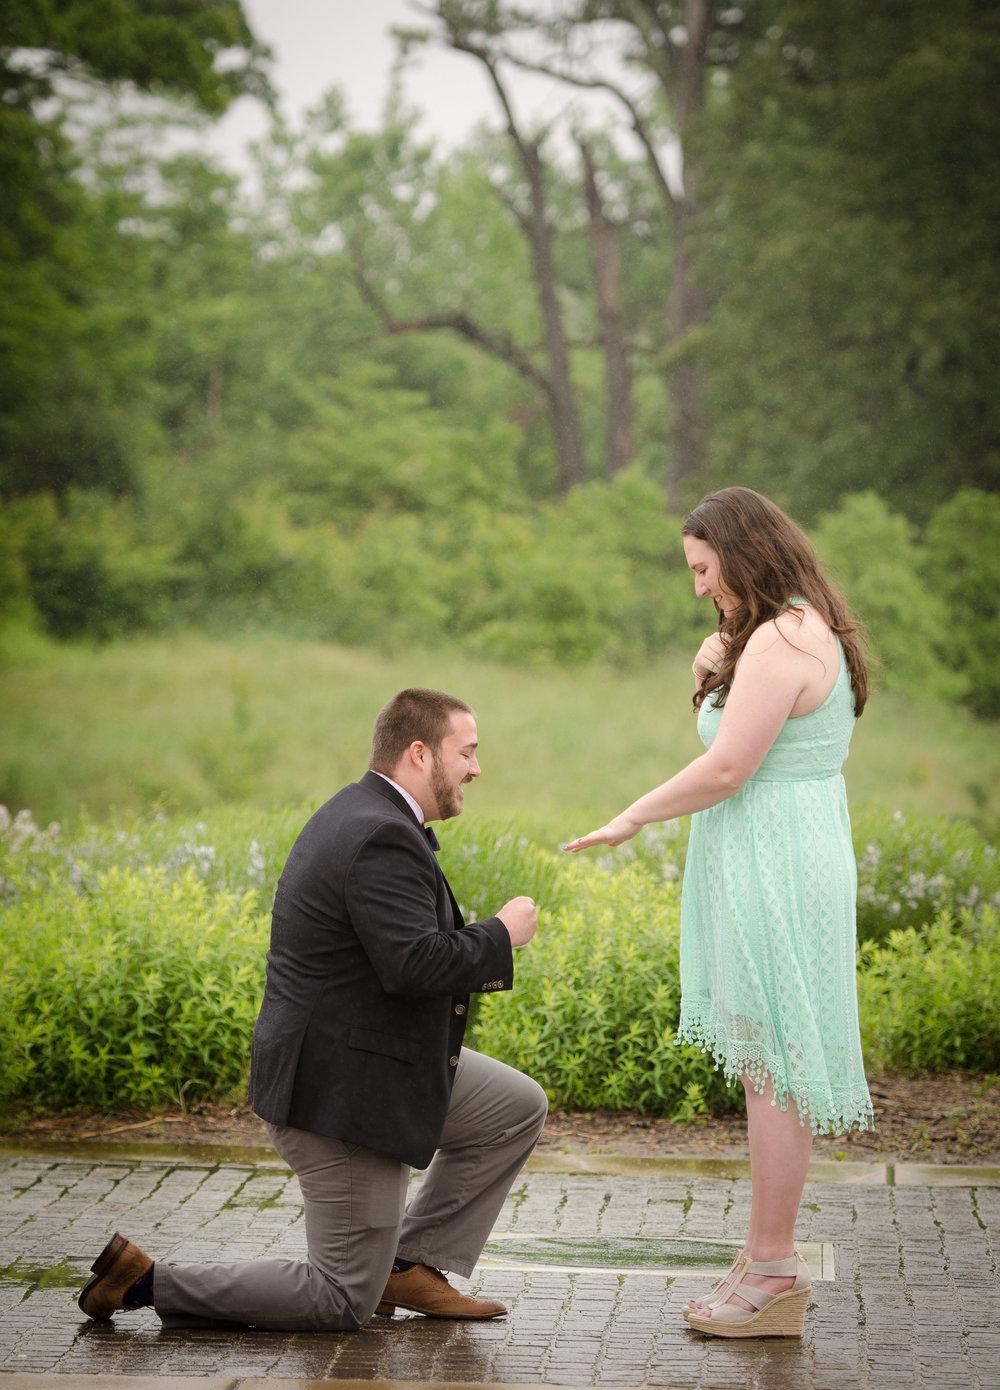 Michael Rachel Proposal-Michael Rachel Proposal-0093.jpg